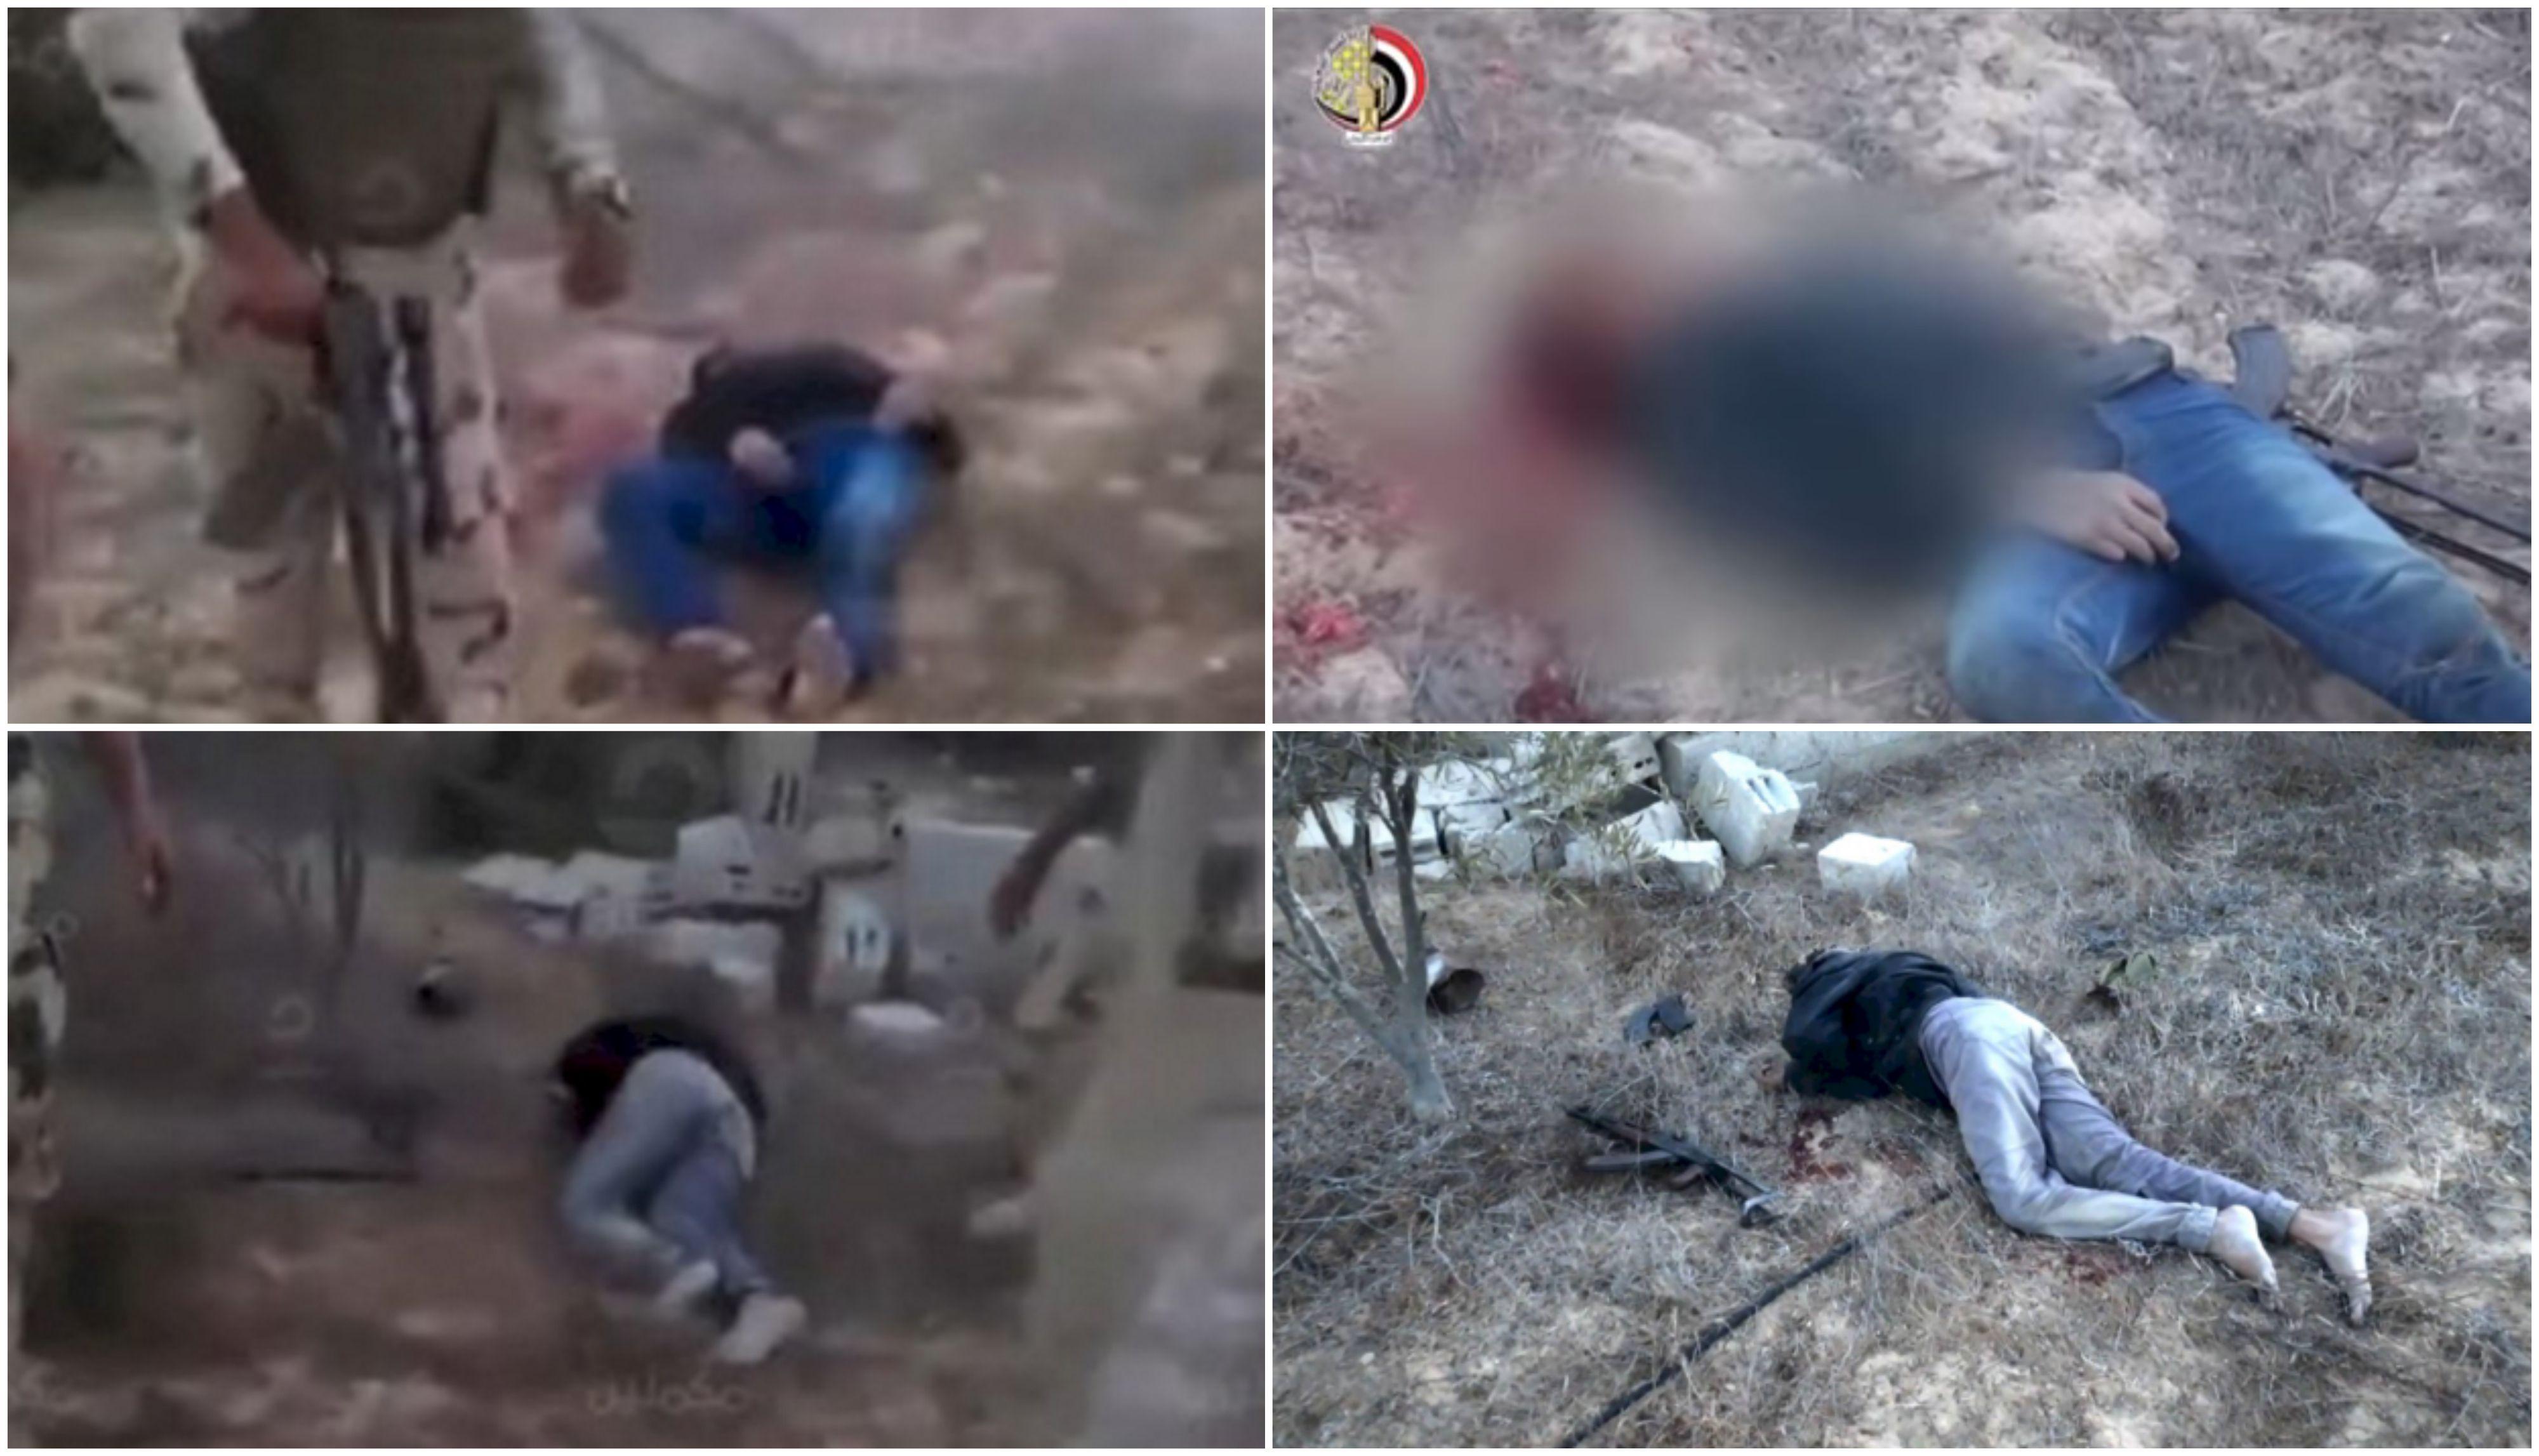 بعد تحليلهما لـ«تسريب سيناء».. منظمتان دوليتان تطالبان بالتحقيق في عمليات «إعدام خارج القانون»   مدى مصر